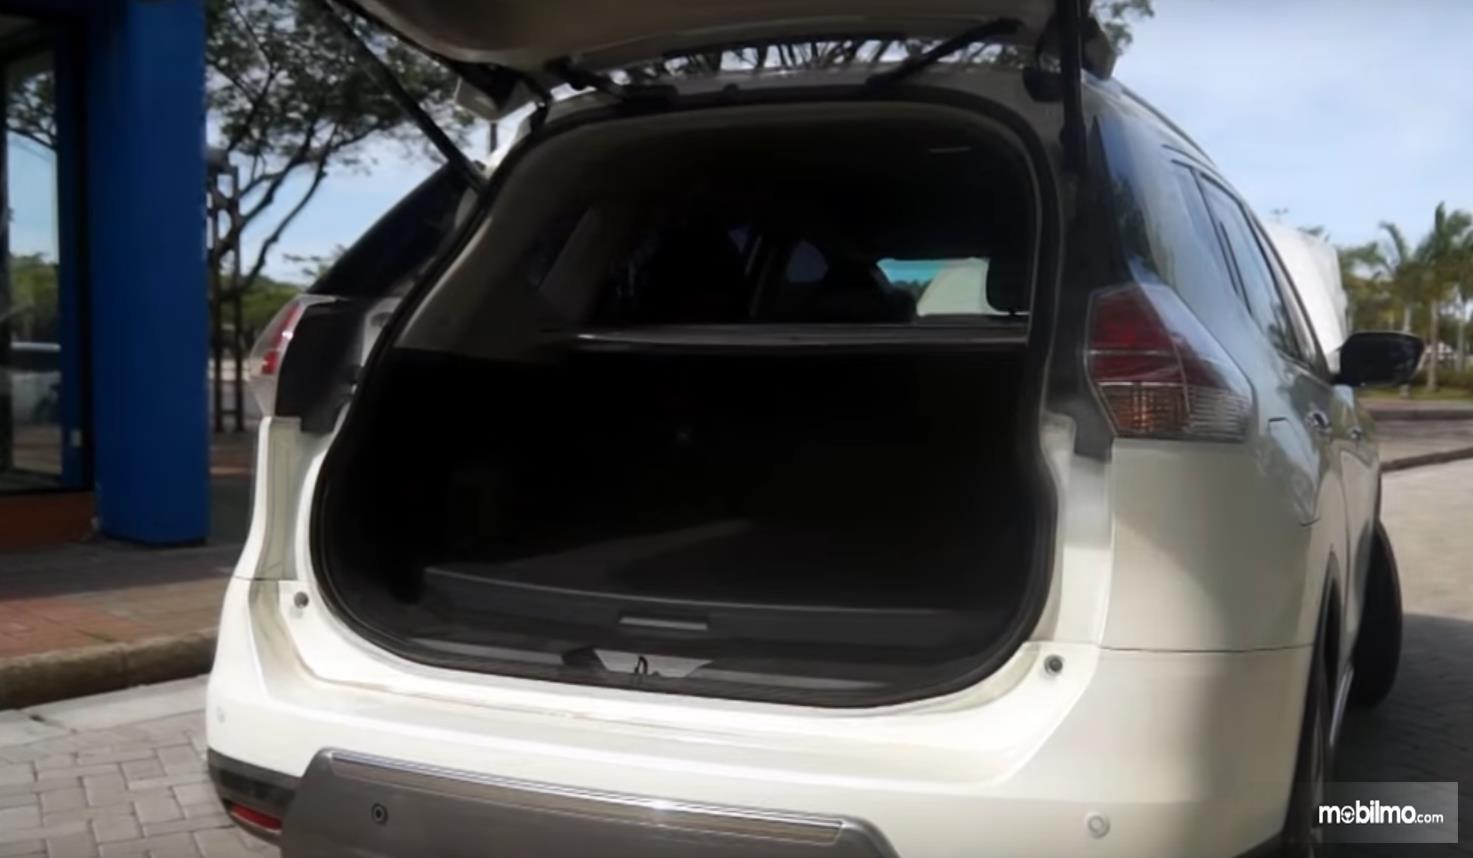 Gambar ini menunjukkan bagasi mobil Nissan X-Trail Hybrid 2015